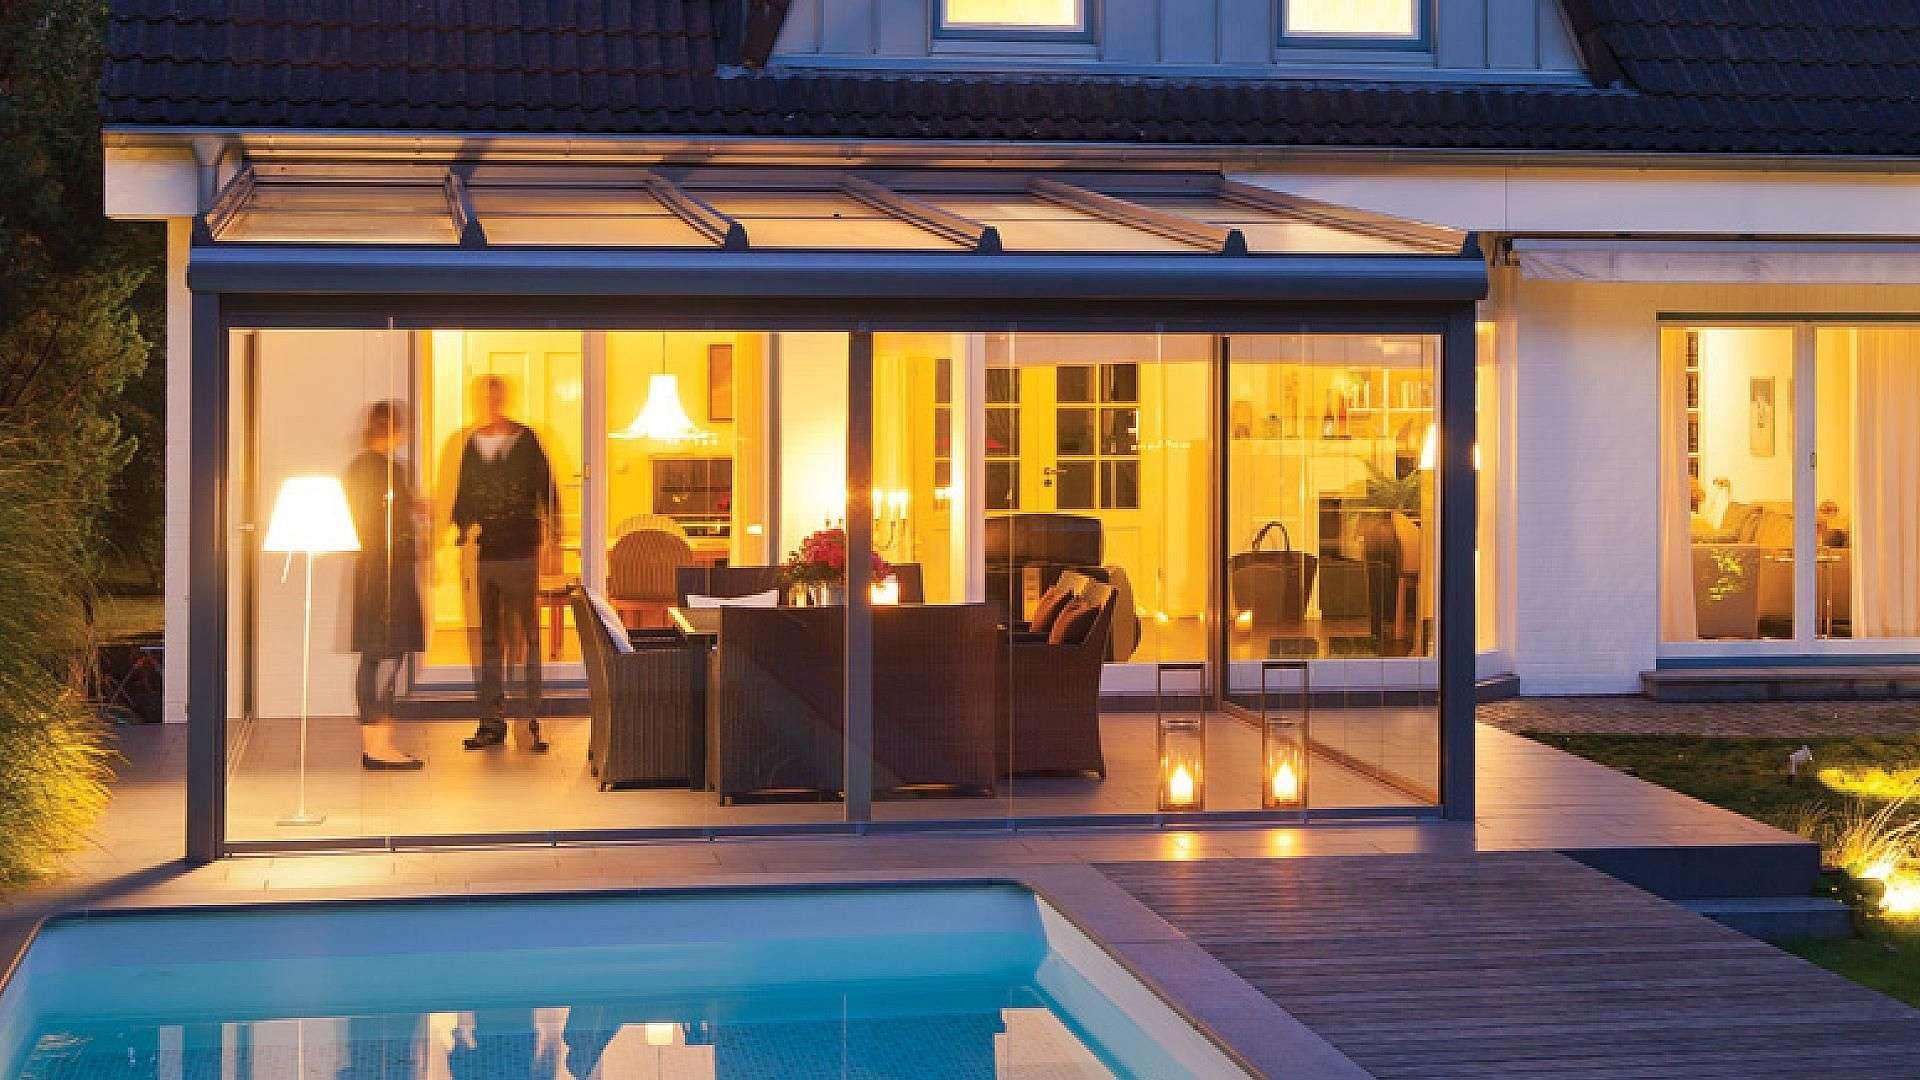 Haus mit Solarlux Wintergarten bei Dämmerung. Im Wintergarten stehen zwei Personen und im Vordergrund ist ein Pool.